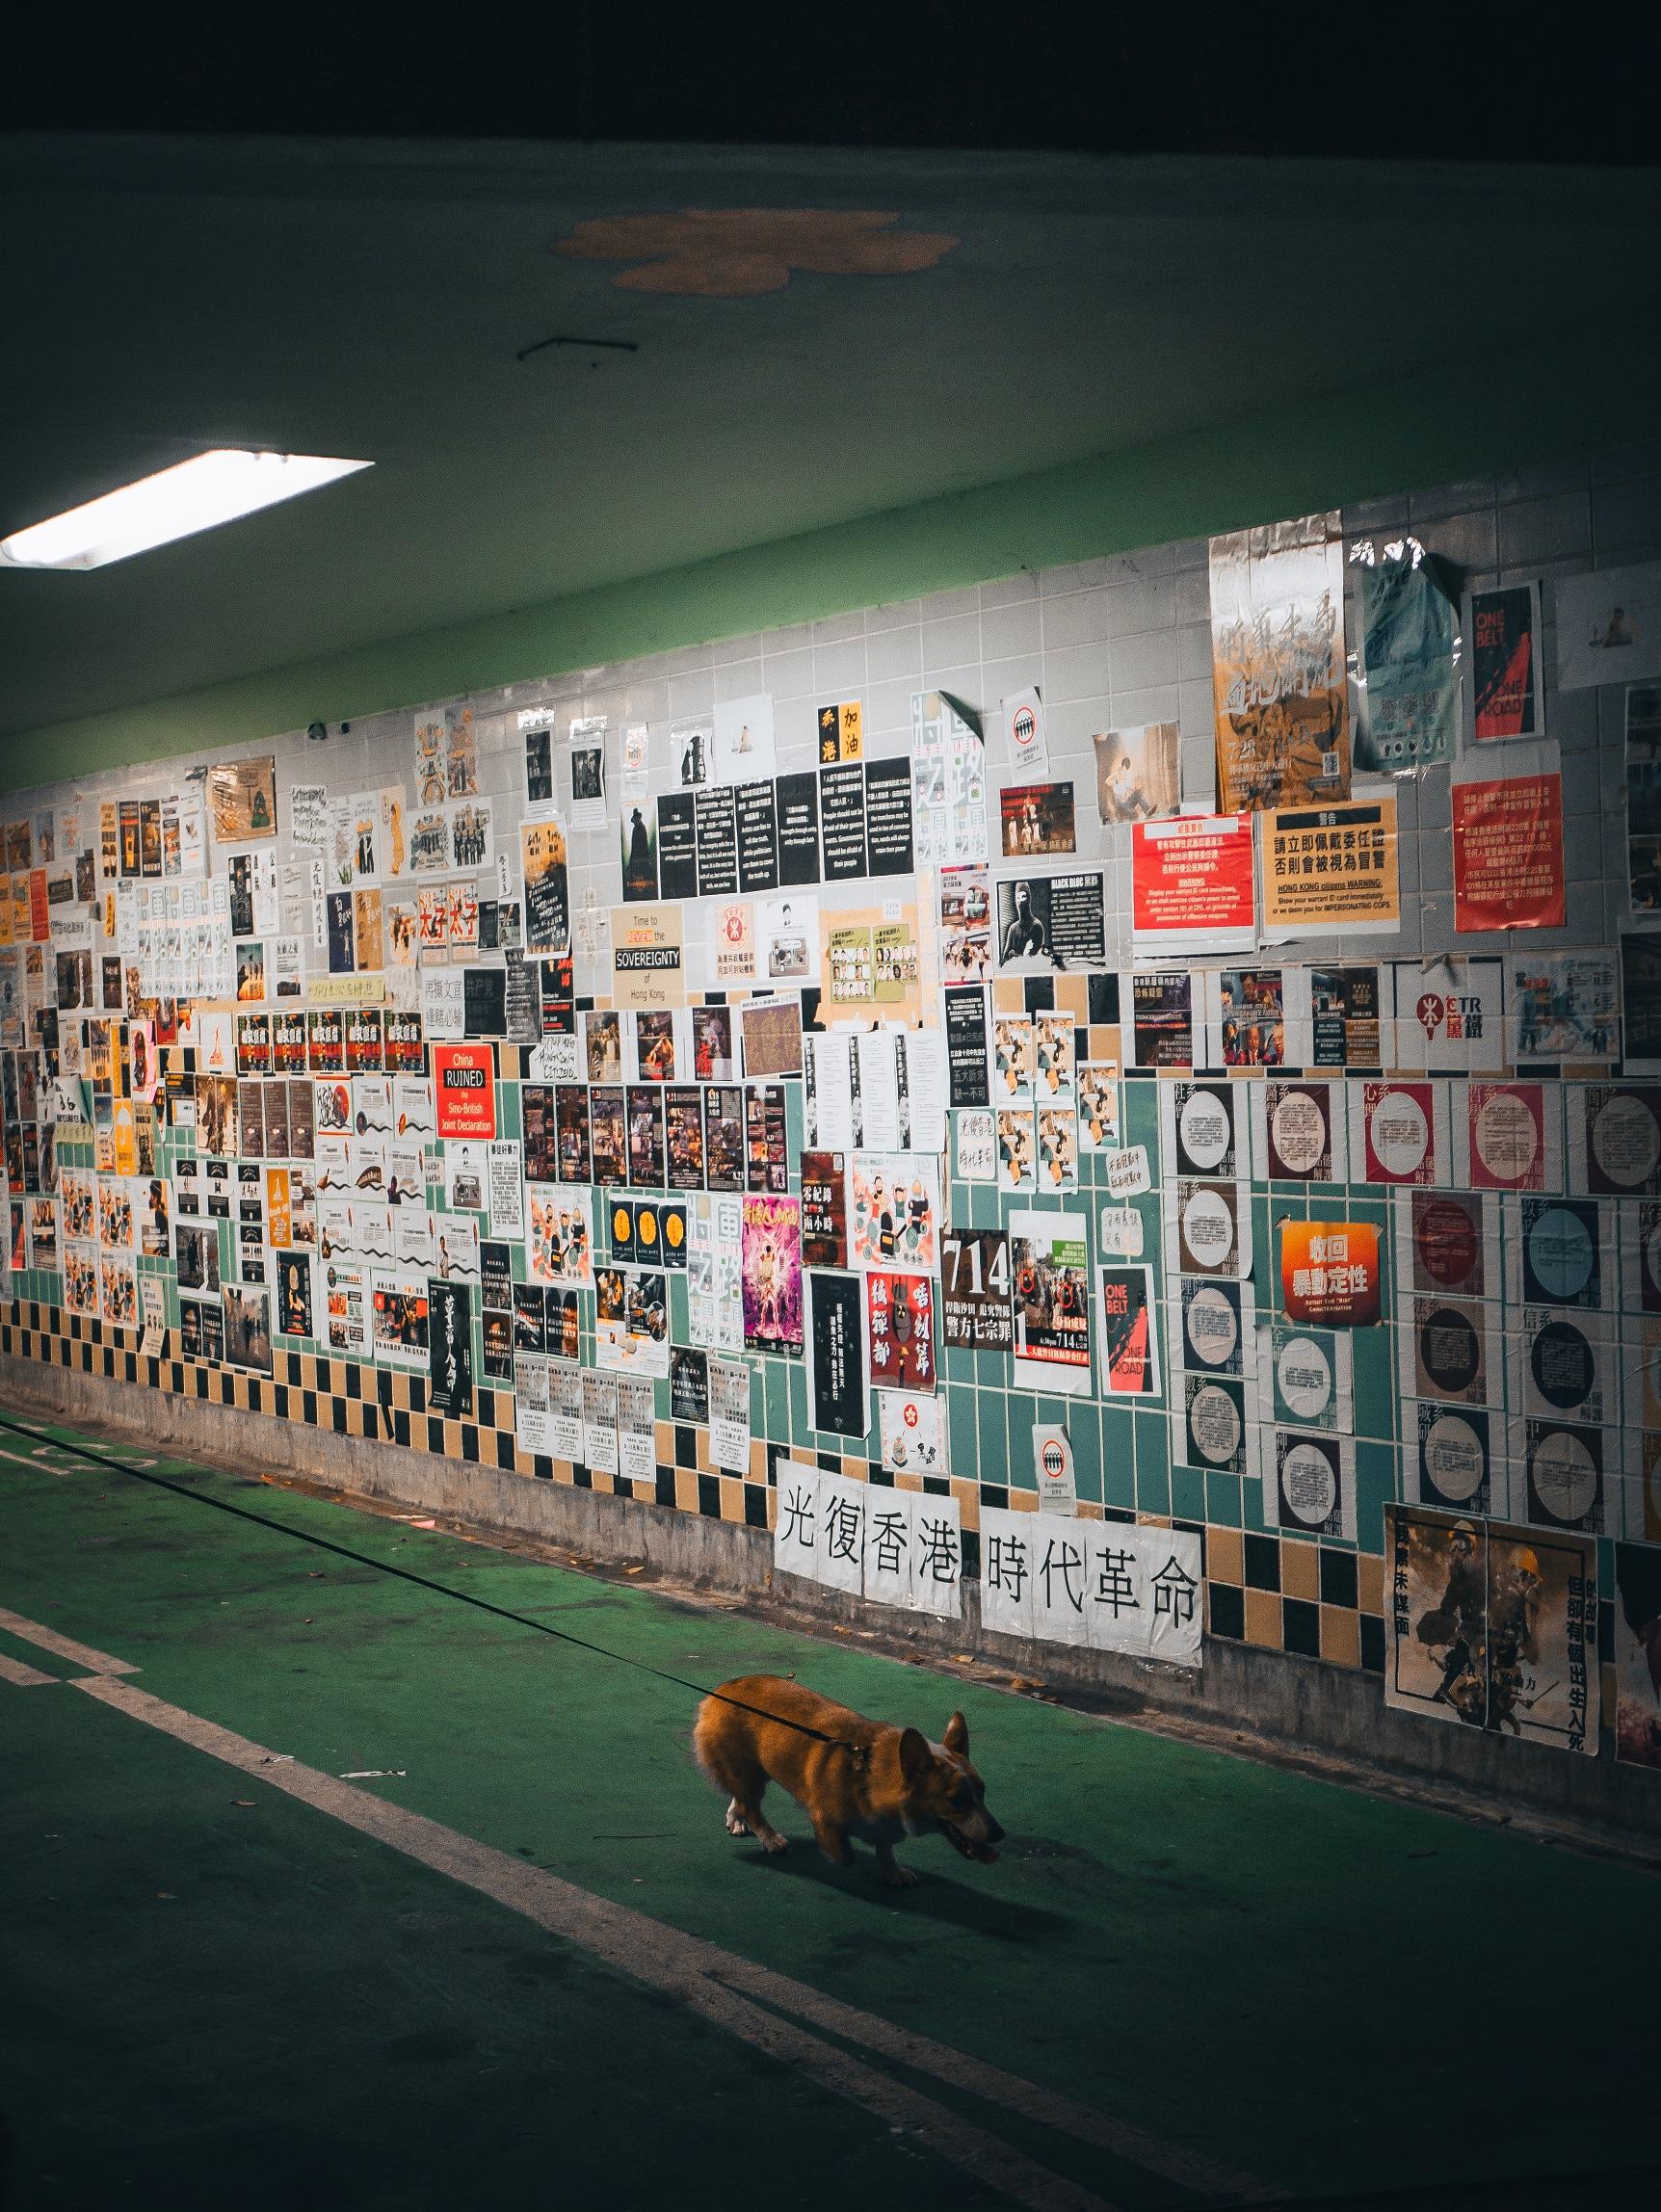 Lennon Wall in Tiu Keng Wan, Hong Kong